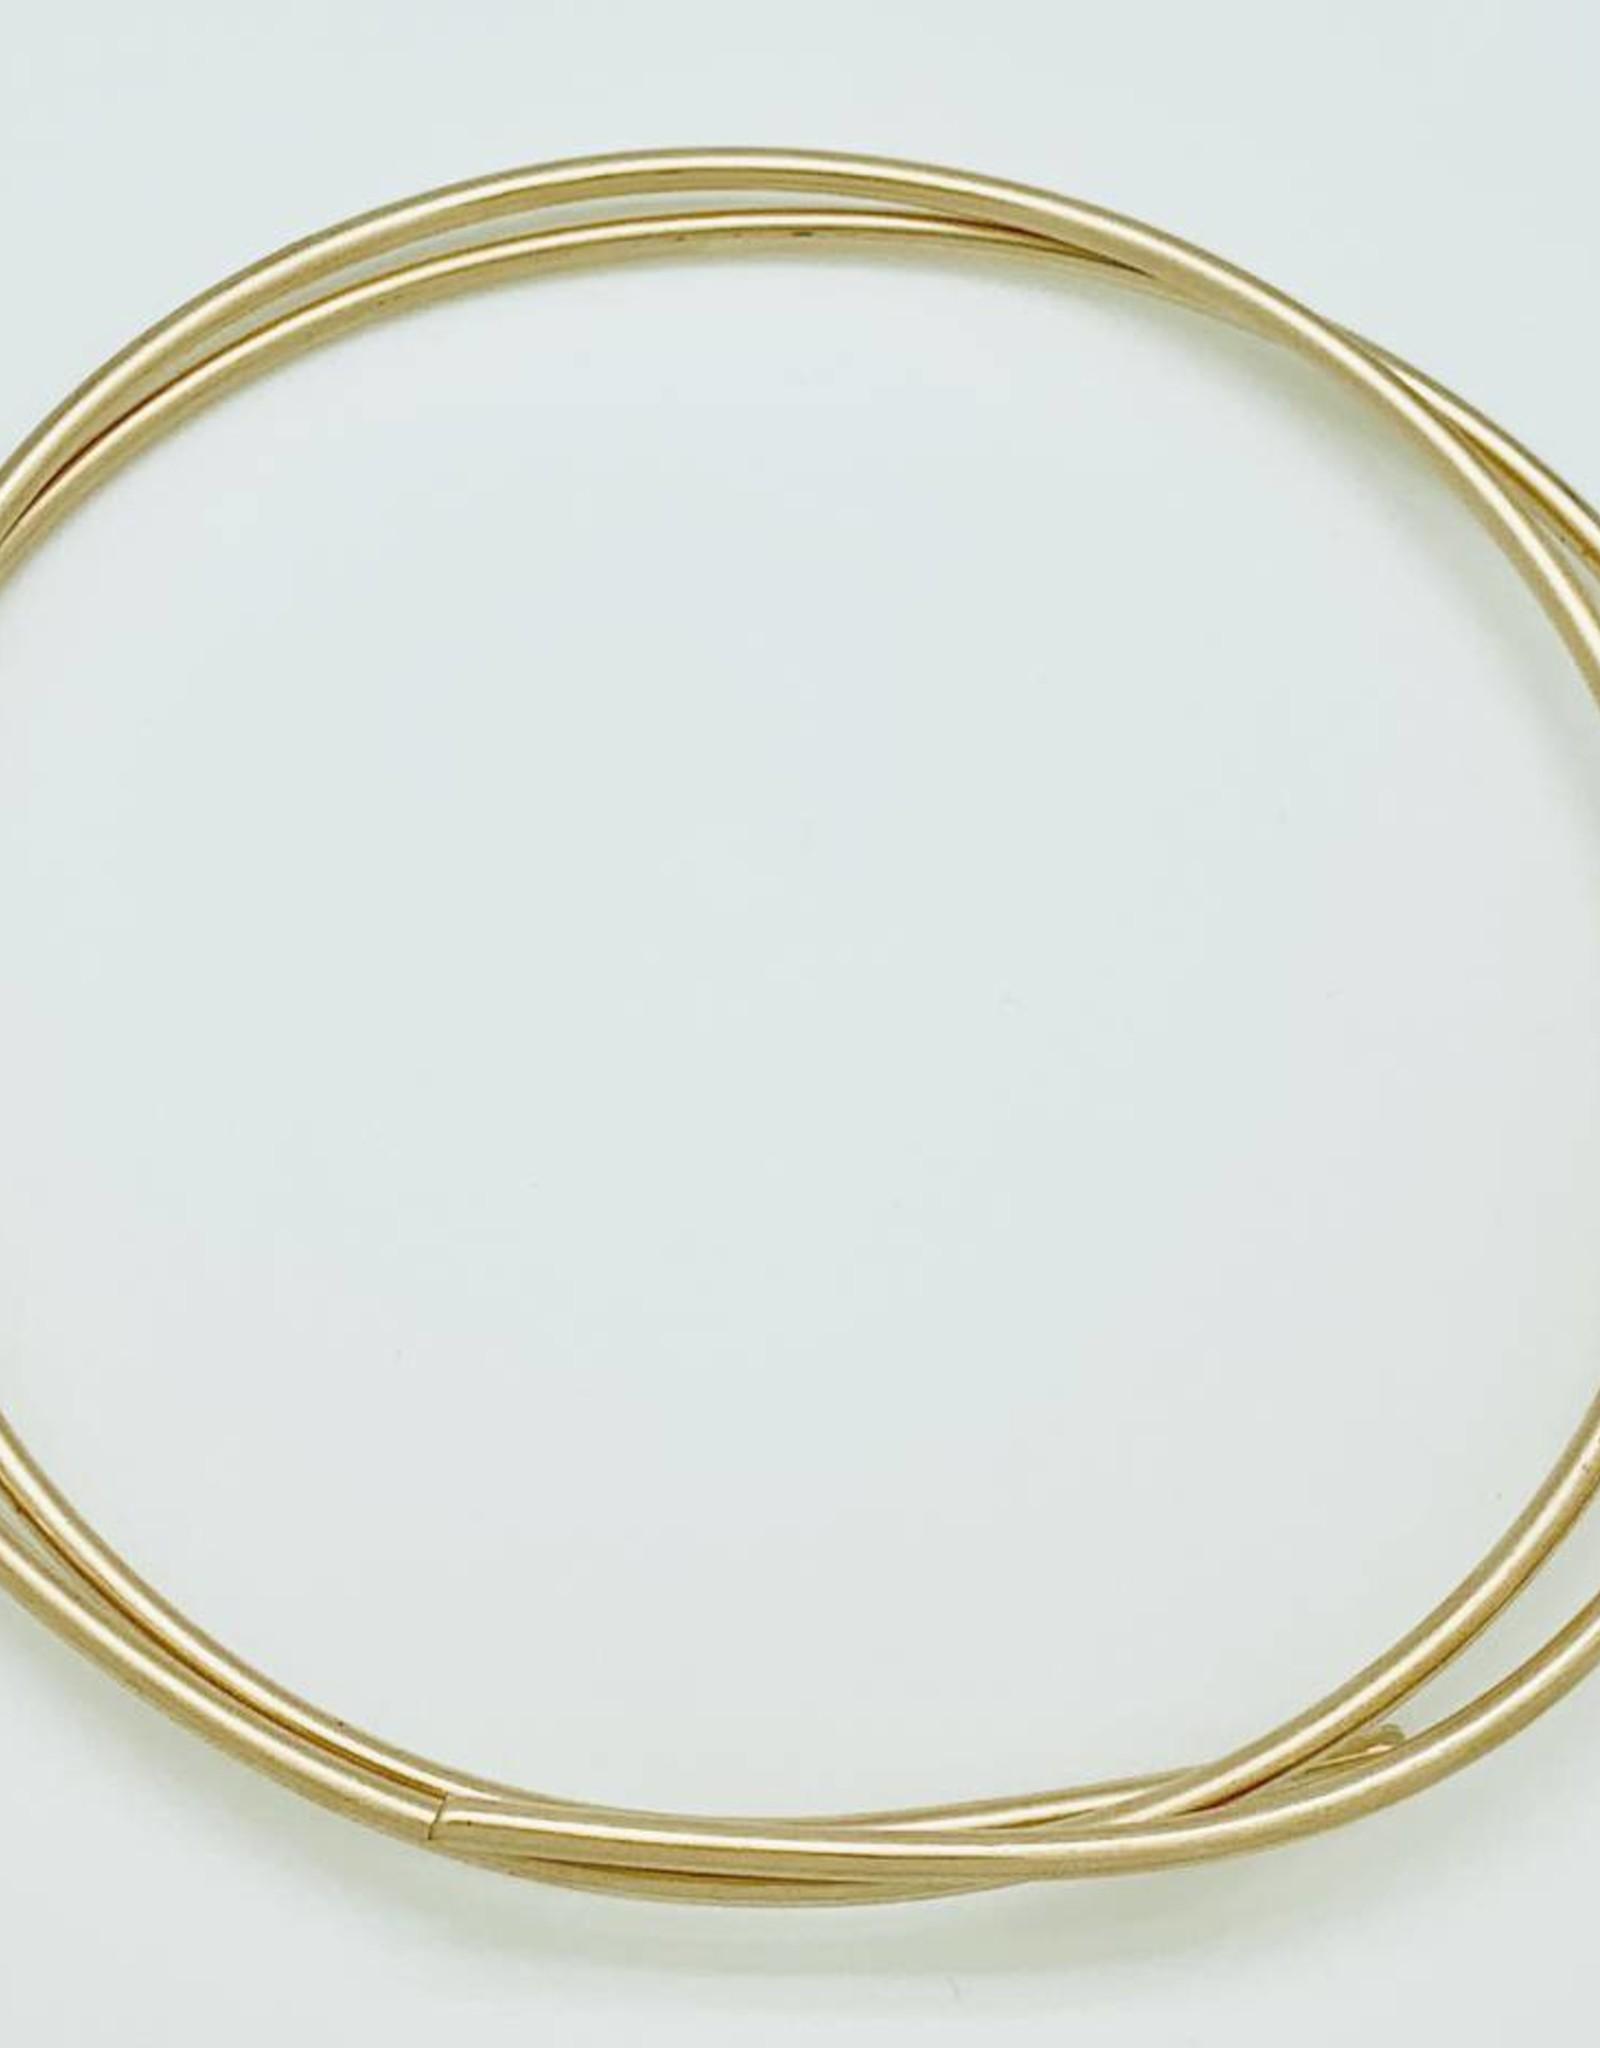 10ga Round Gold Filled Wire 1 oz